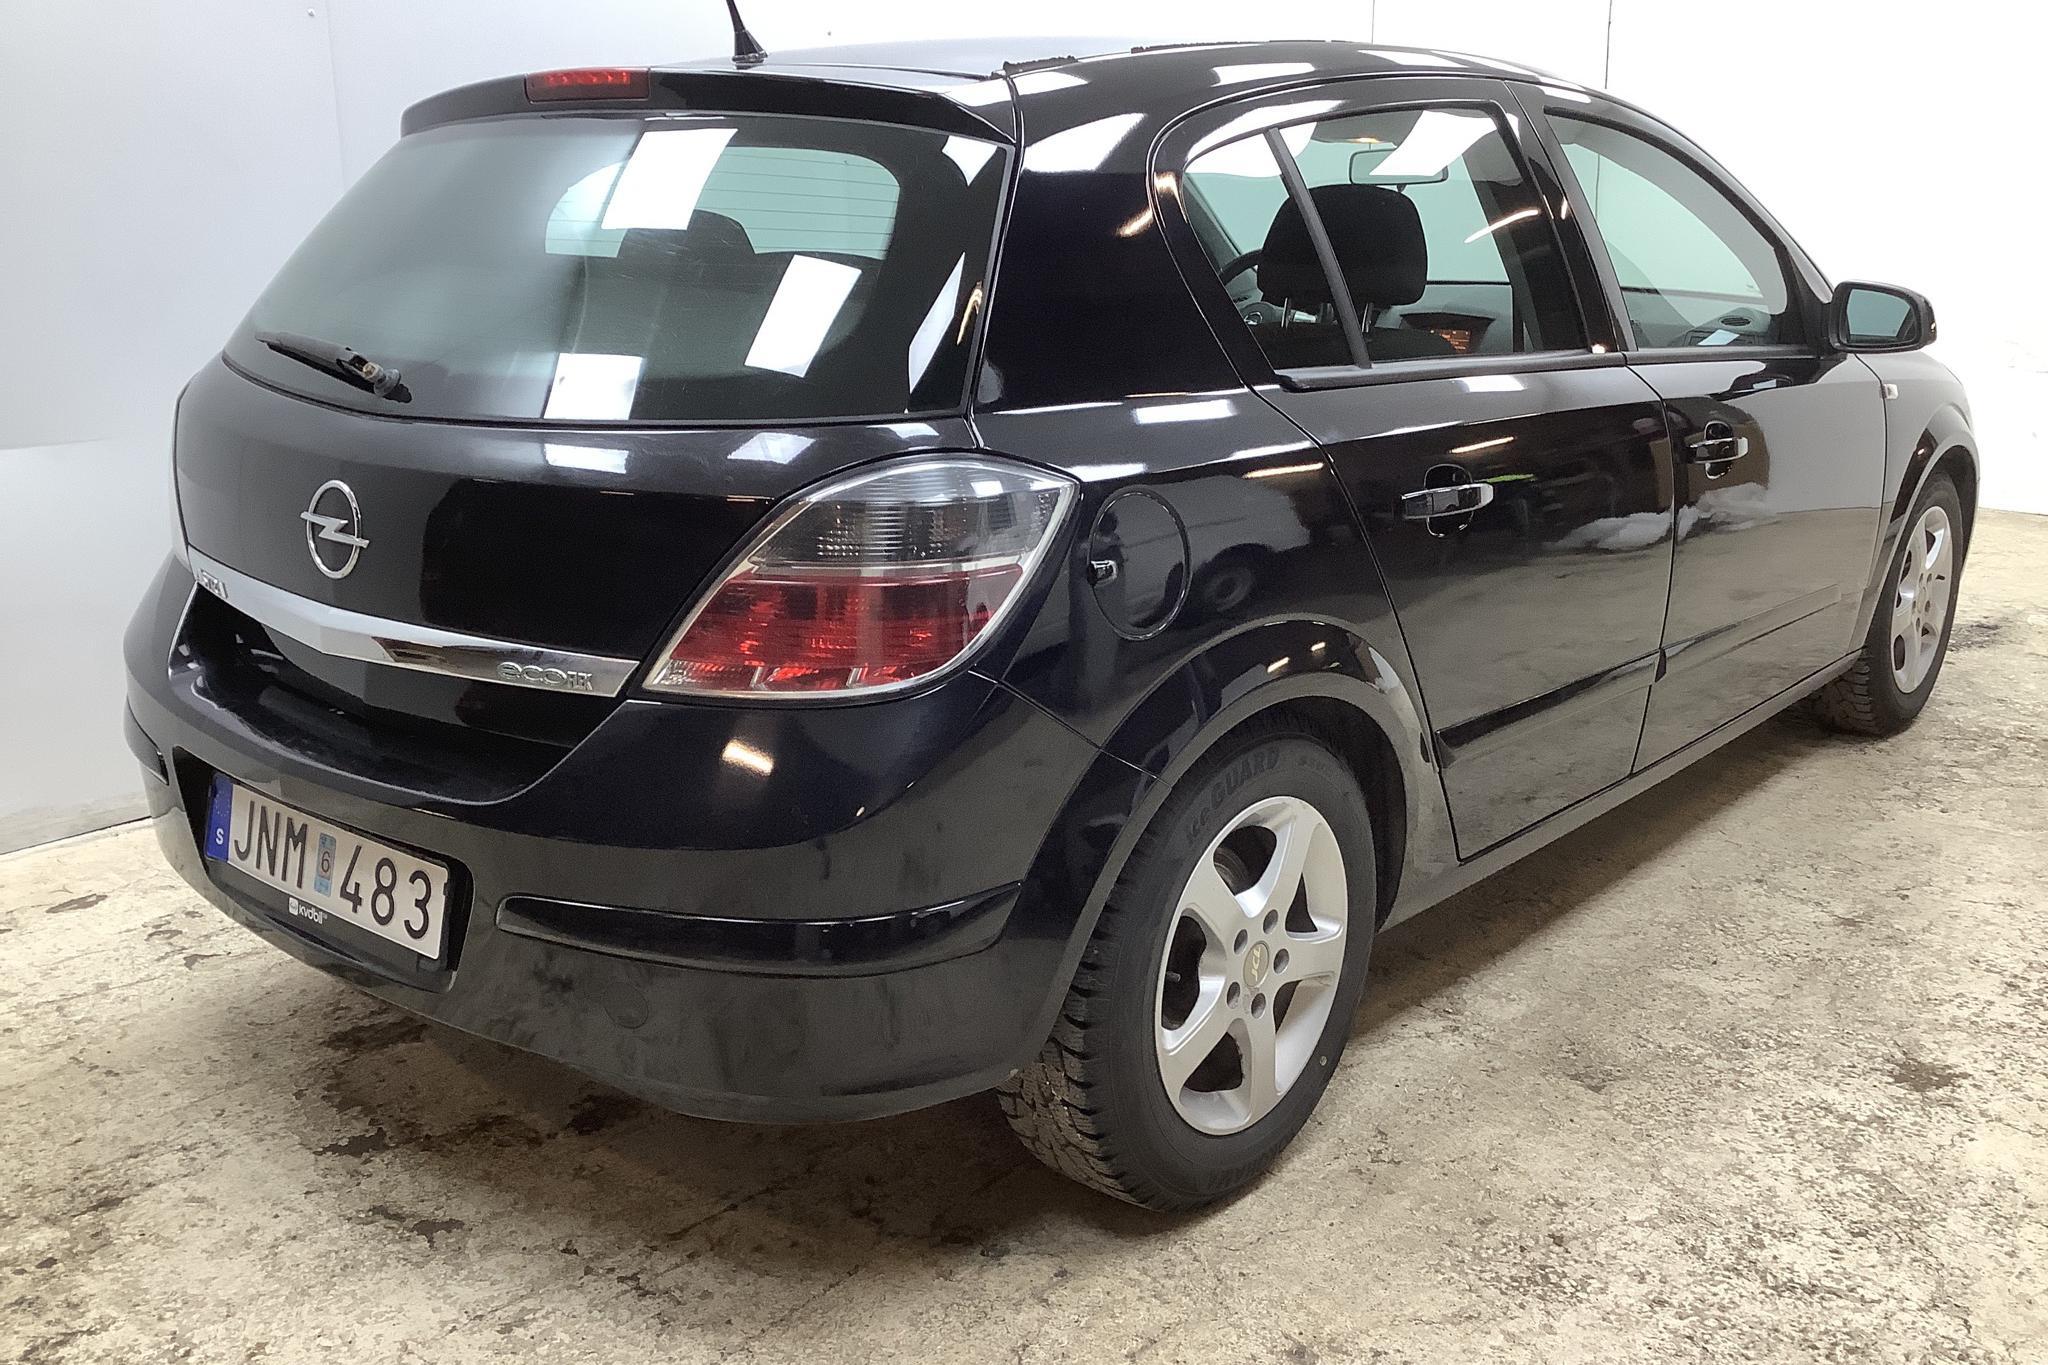 Opel Astra 1.7 CDTI 5dr (110hk) - 8 349 mil - Manuell - svart - 2009